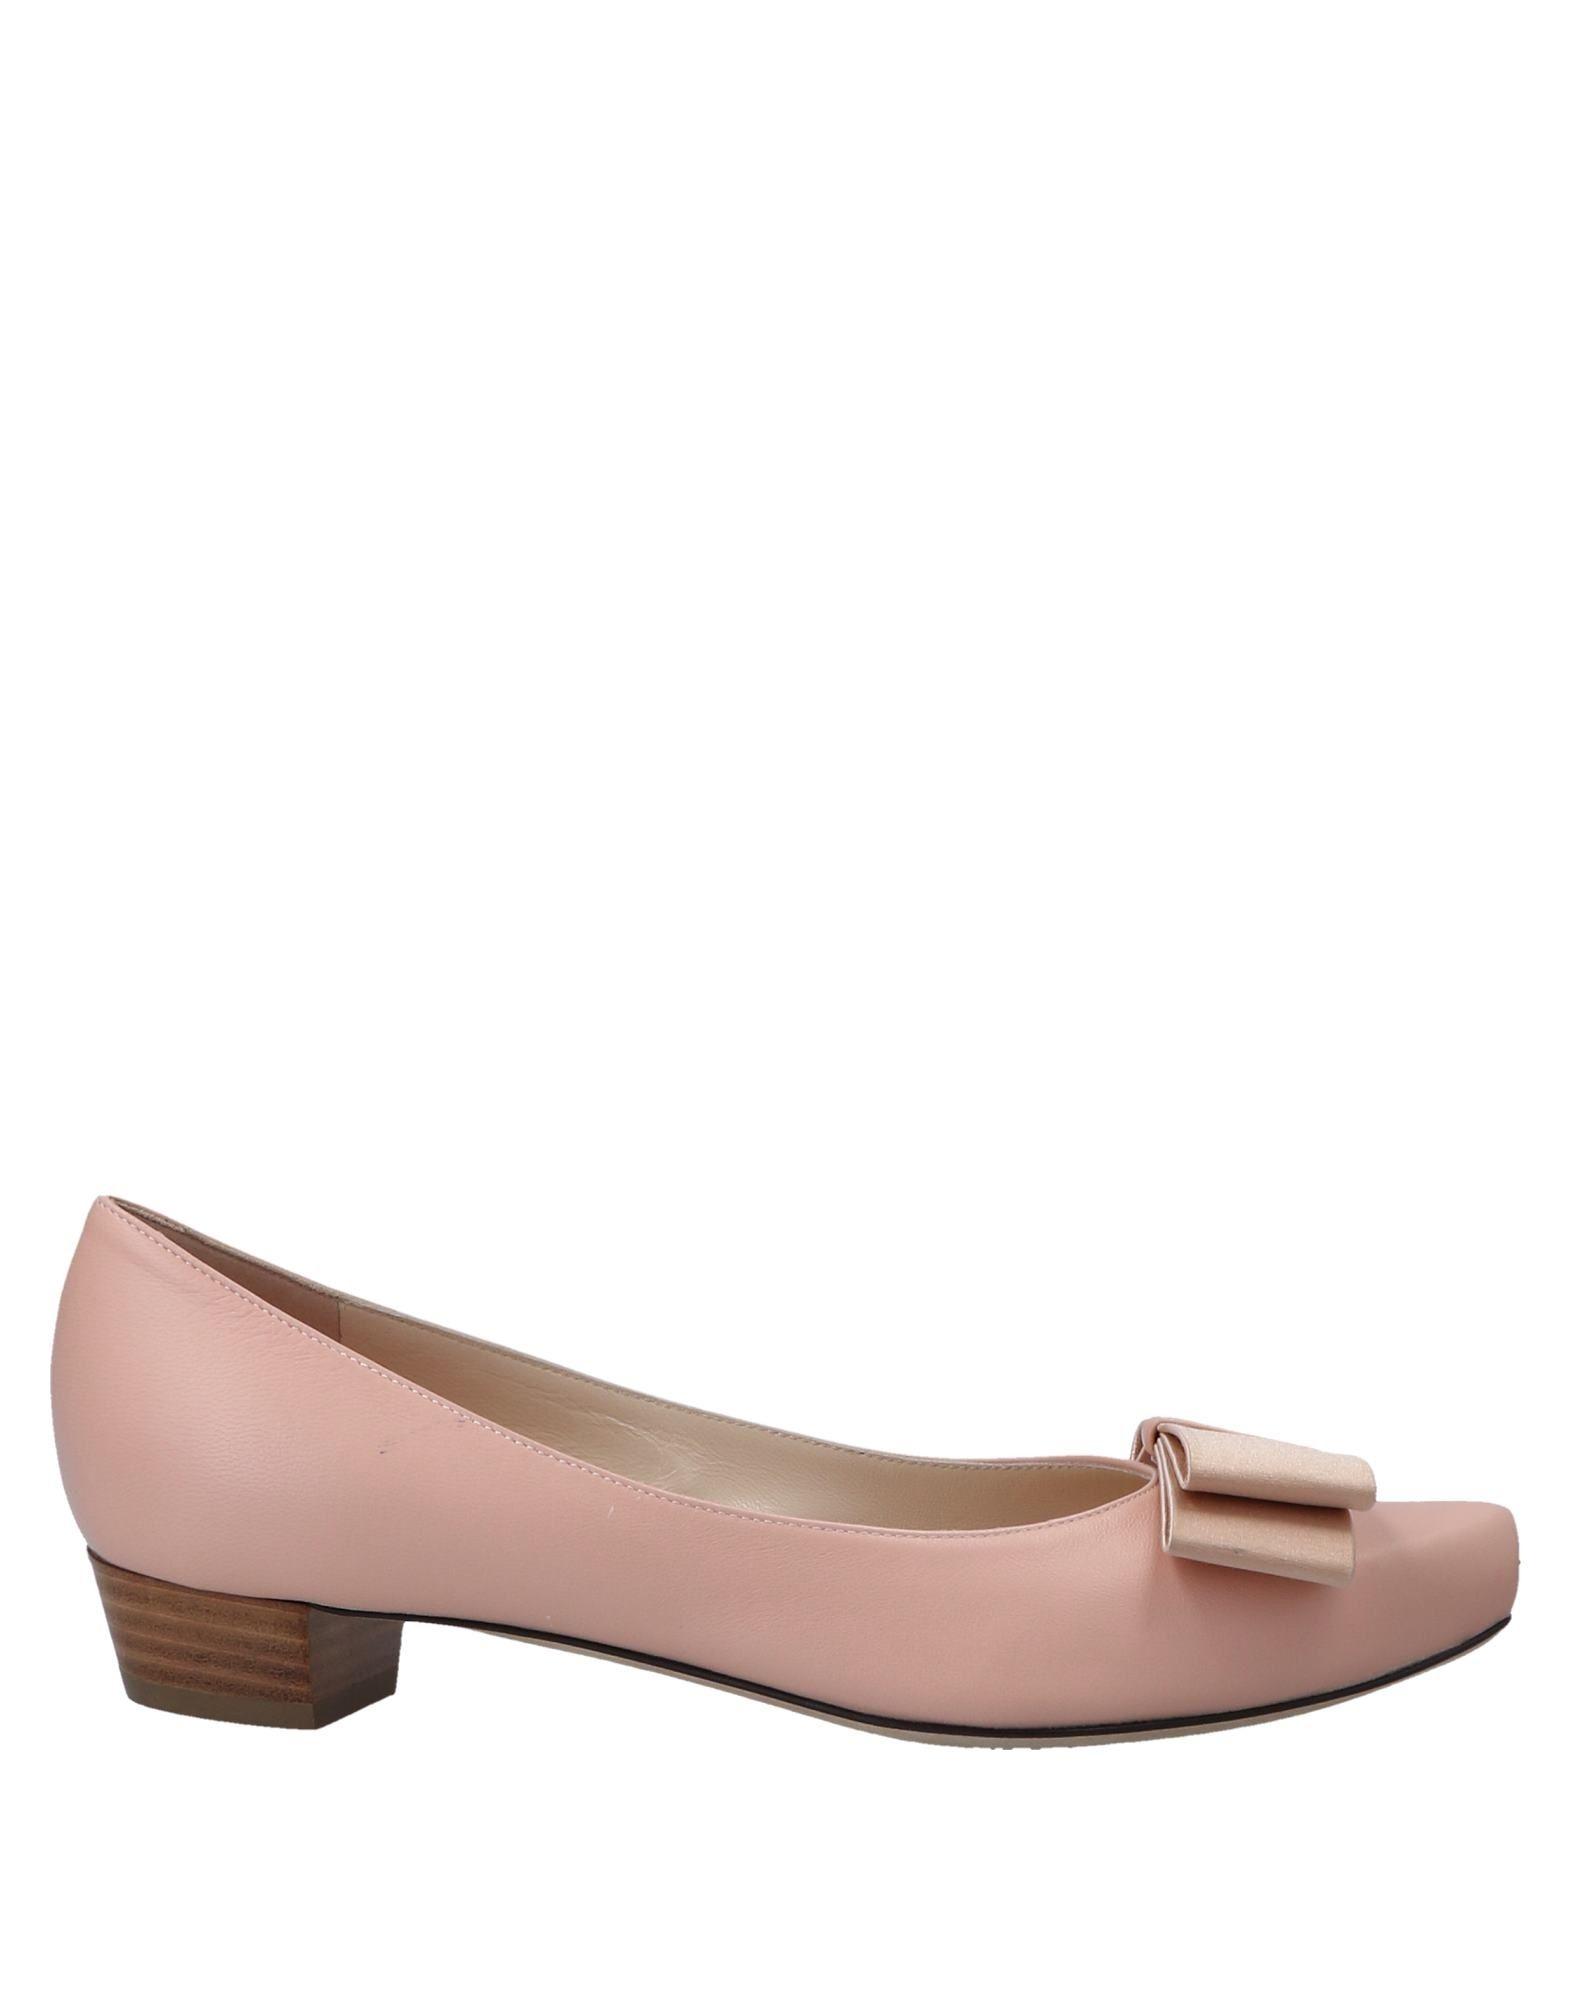 Rabatt Damen Schuhe O Jour Pumps Damen Rabatt  11000704FQ f5243d